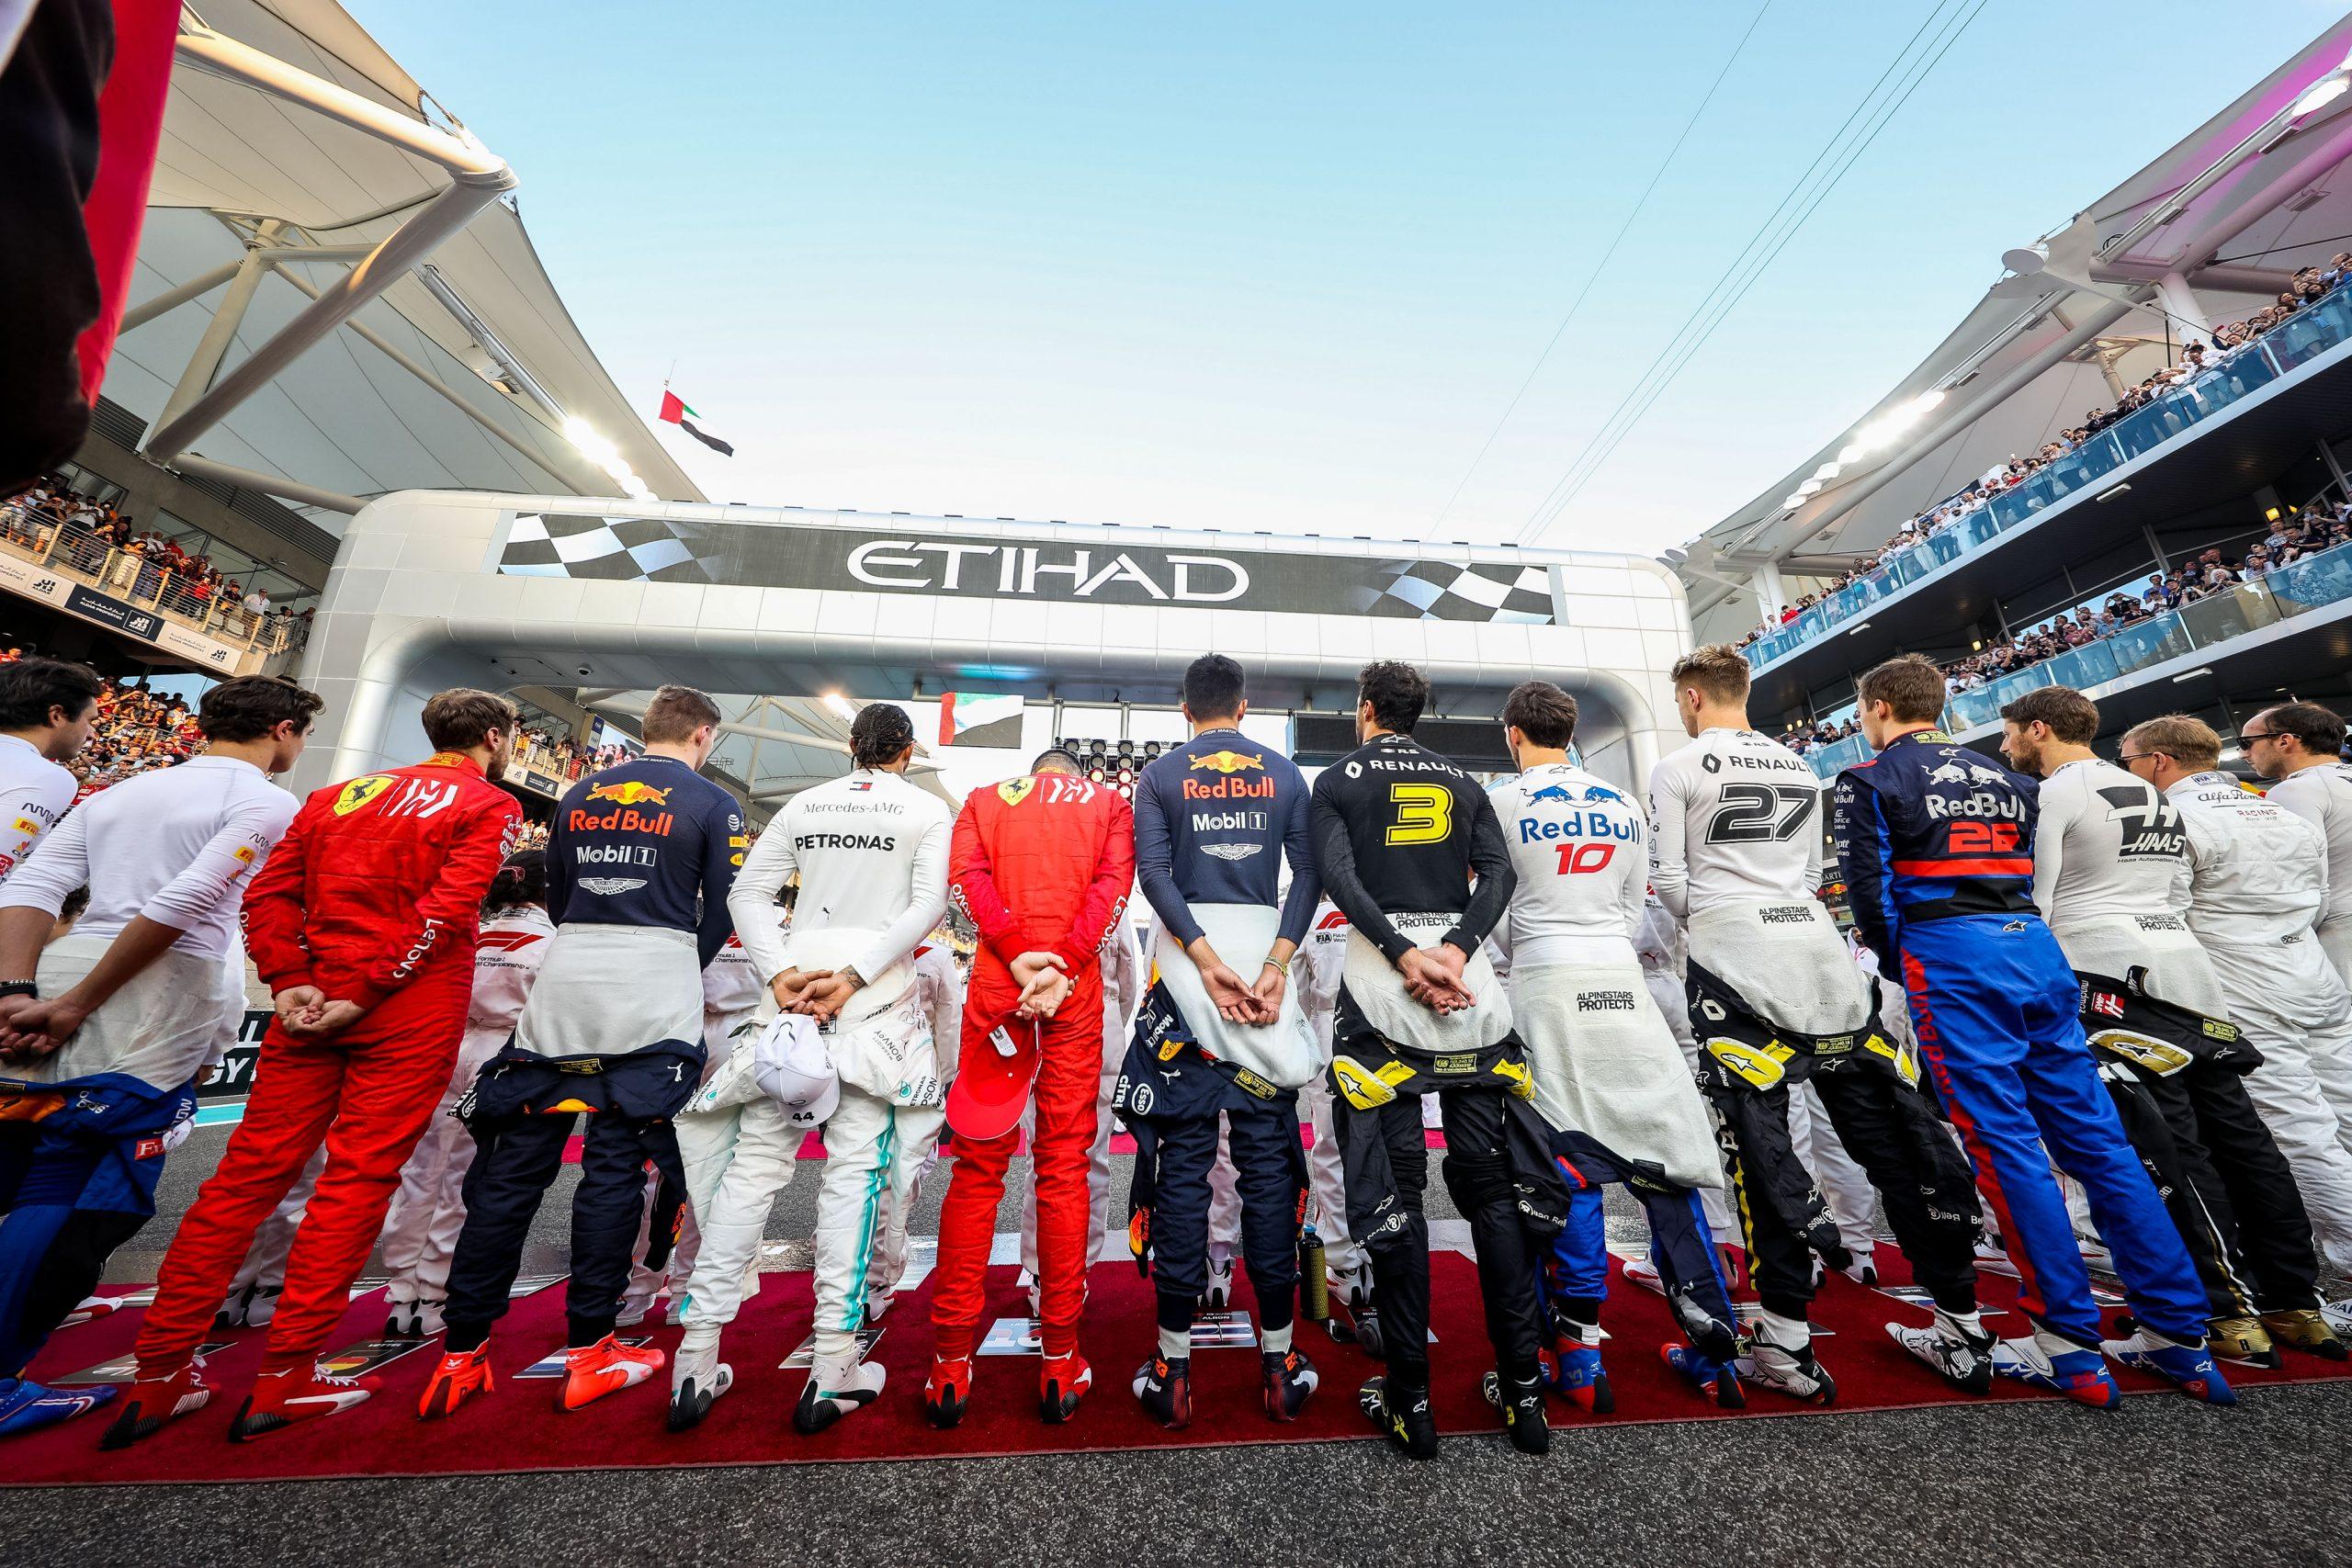 Formule 1 2021 Calendrier Calendrier F1 2021 et calendrier provisoire des courses | F1